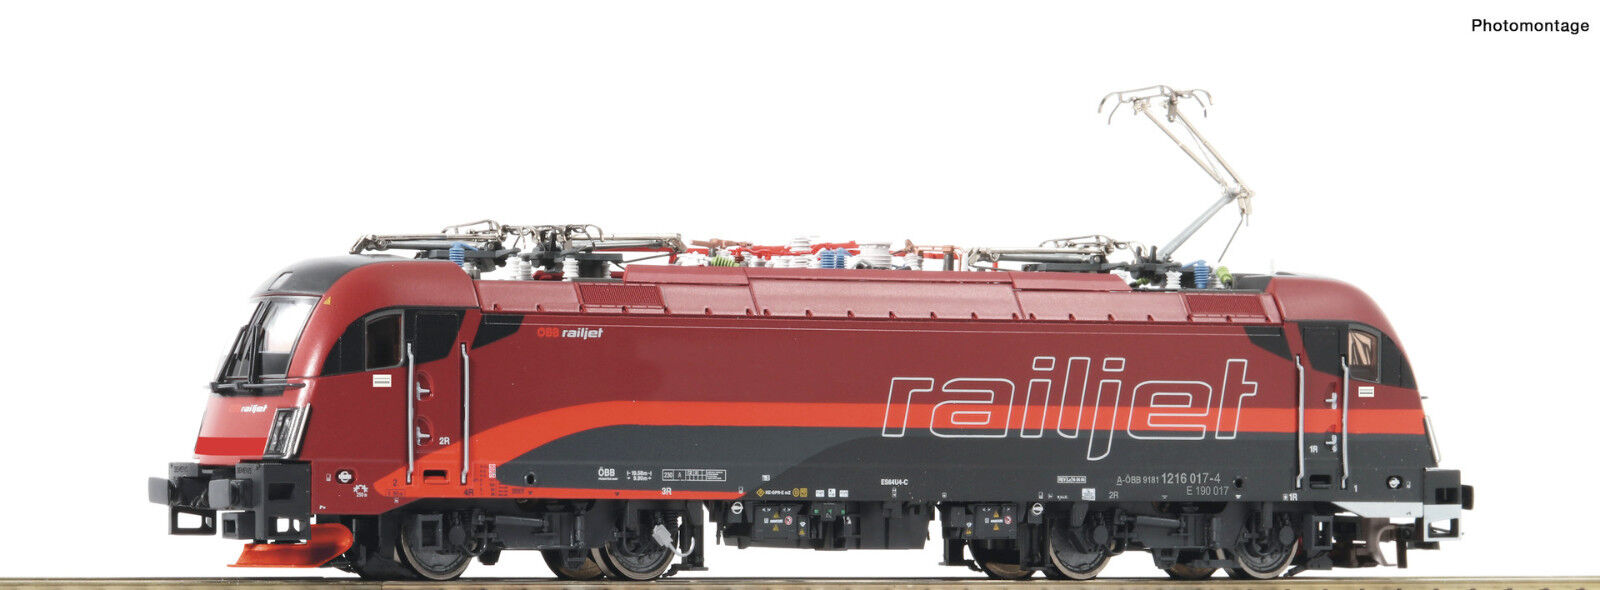 ROCO h0 73248 E-Lok 1216 Railjet delle ÖBB  DCC/Sound + novità 2018  NUOVO + OVP